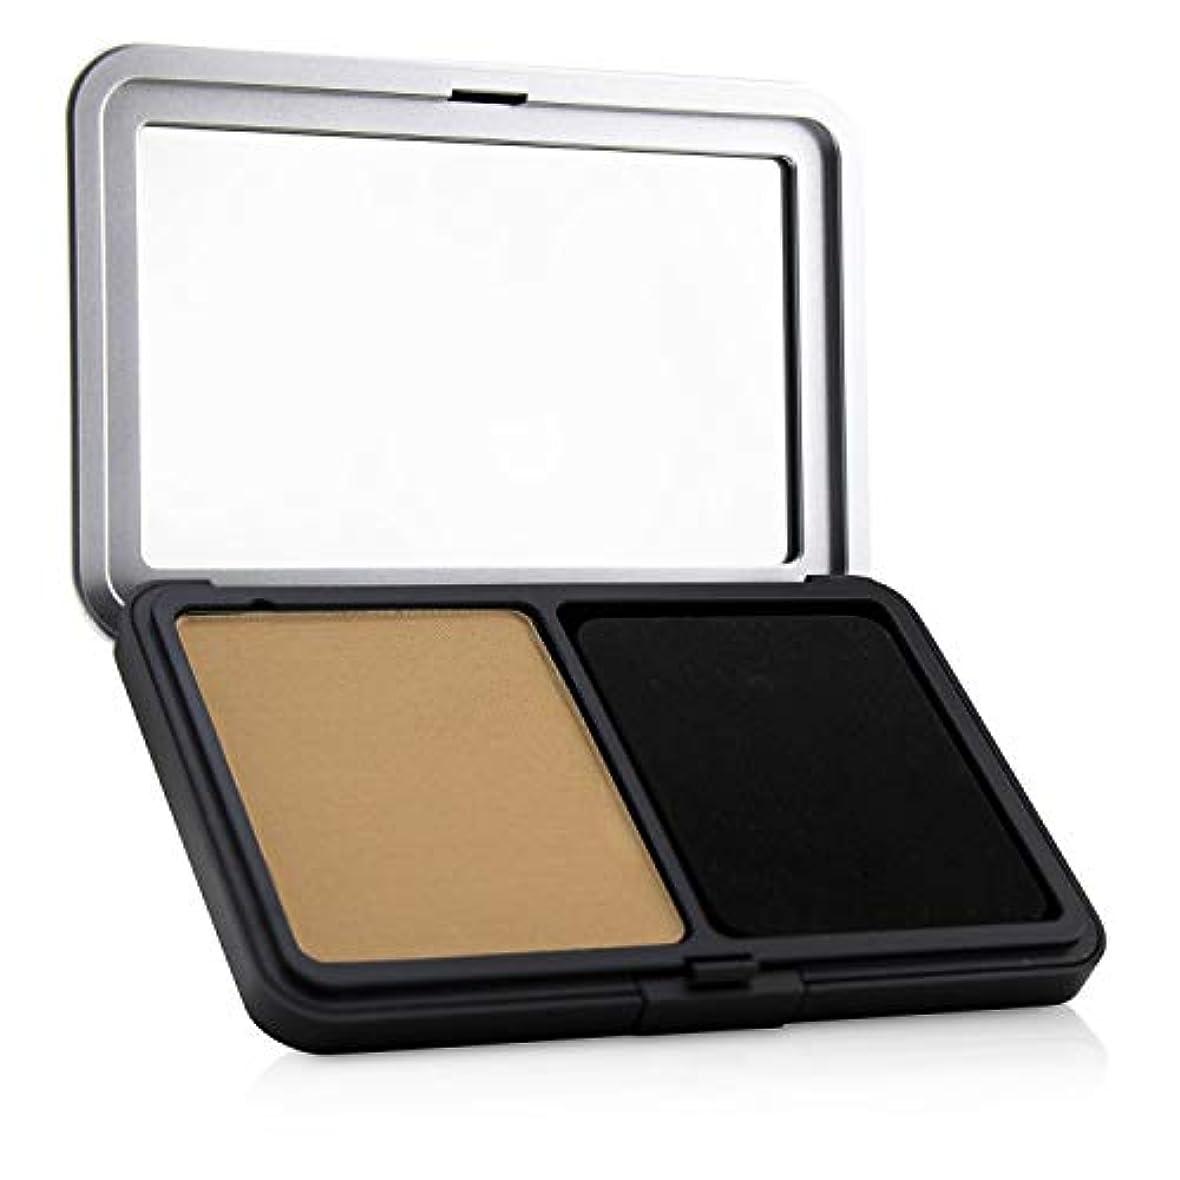 サージナイロンベストメイクアップフォーエバー Matte Velvet Skin Blurring Powder Foundation - # Y335 (Dark Sand) 11g/0.38oz並行輸入品